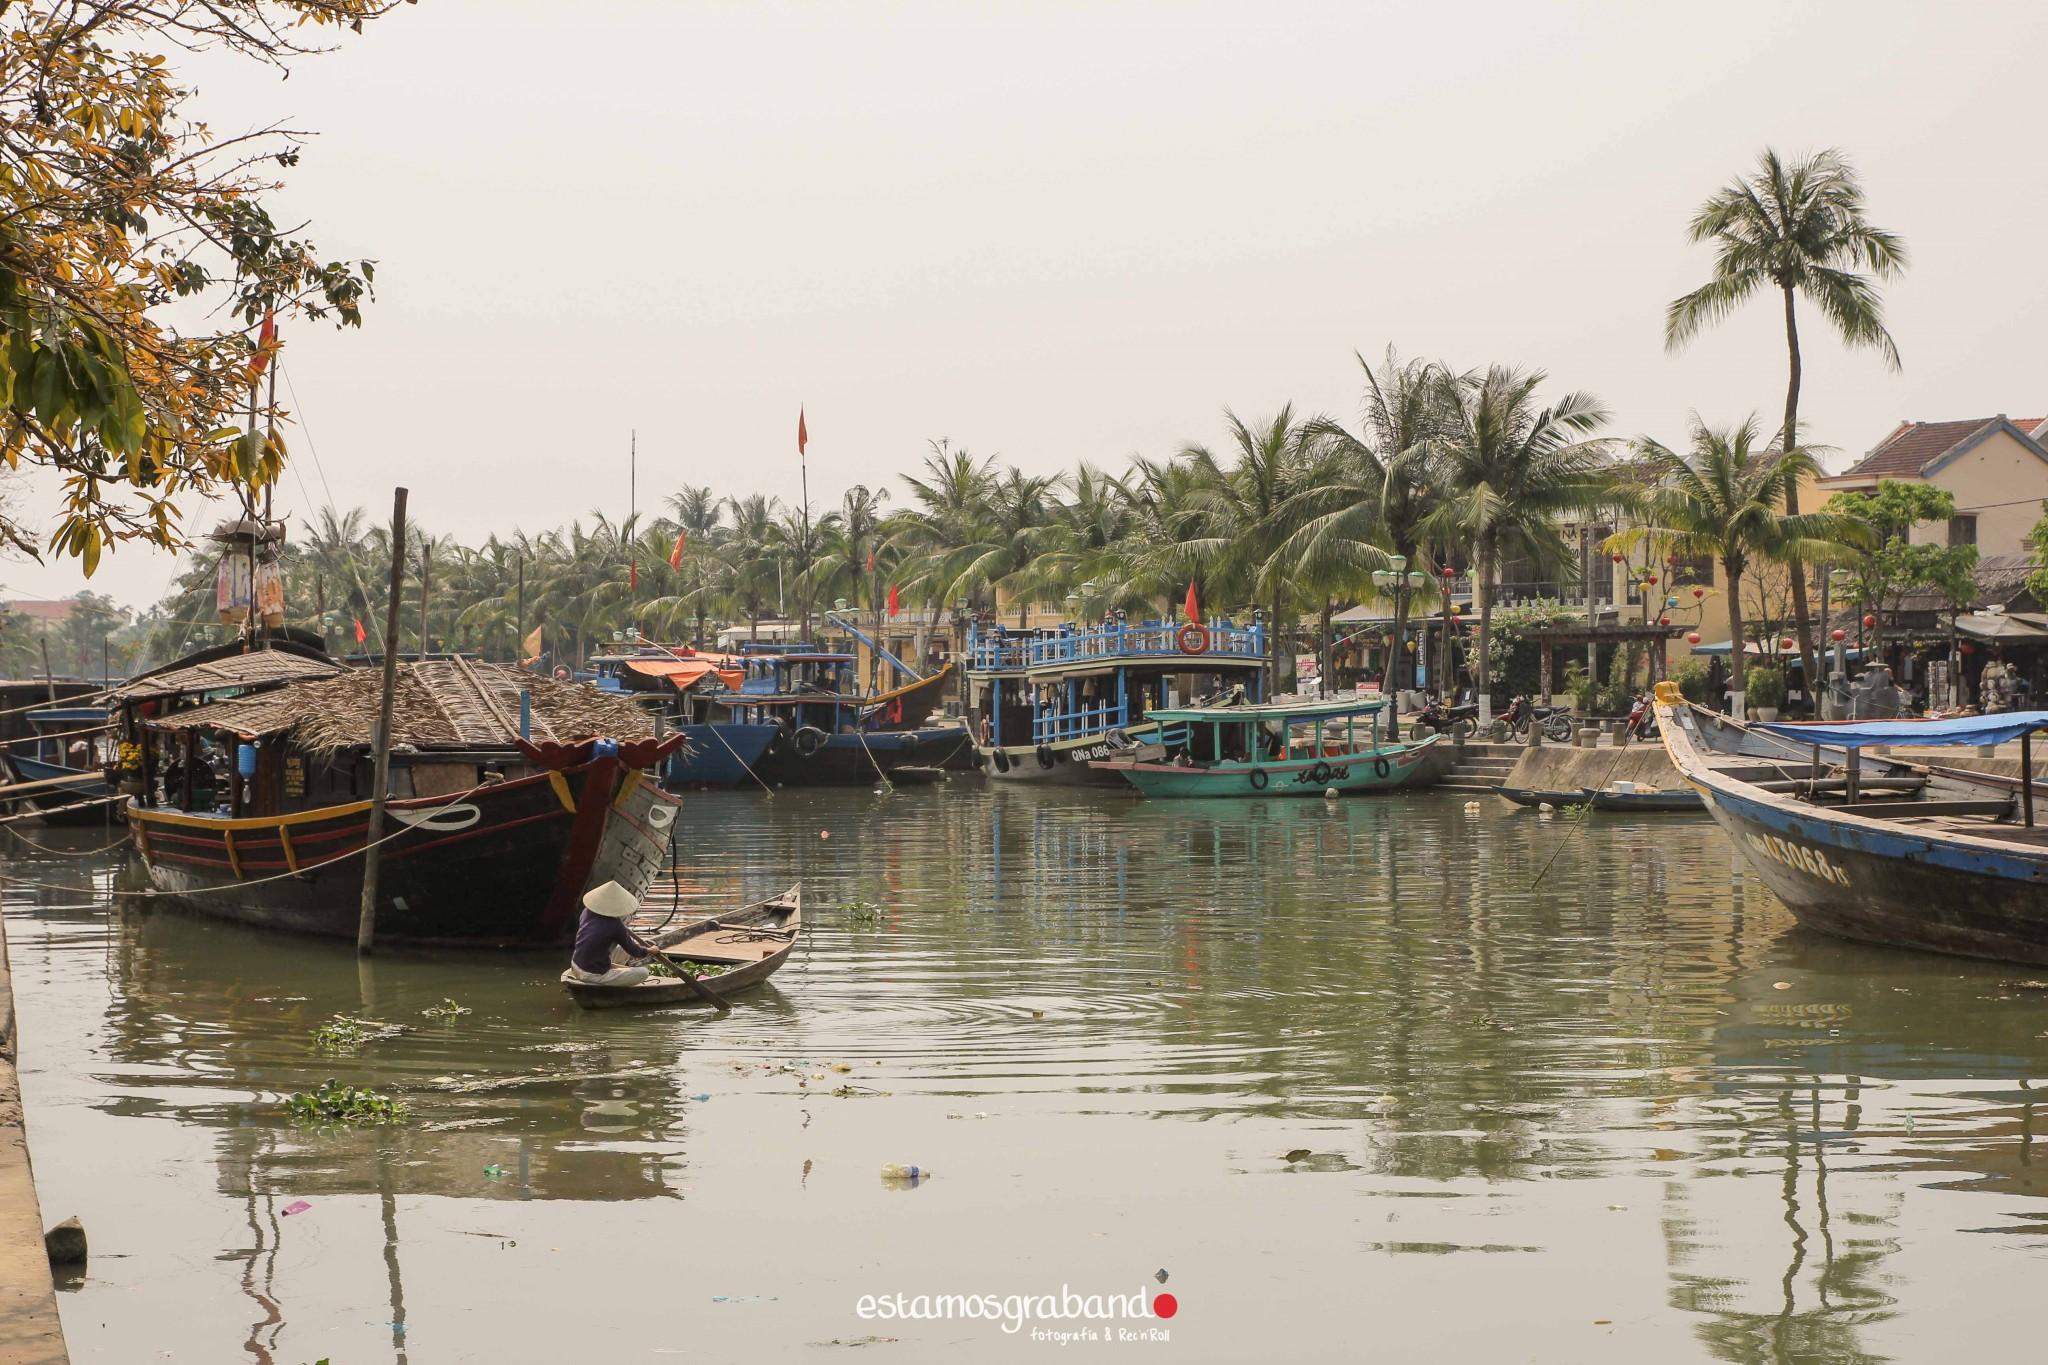 reportaje-vietnam_fotograficc81a-vietnam_estamosgrabando-vietnam_rutasvietnam_reportaje-retratos-fotos-vietnam_fotografia-vietnam_reportaje-estamosgrabando-fotograficc81a-vietnam-85 Pequeños grandes recuerdos de Vietnam en 100 imágenes - video boda cadiz